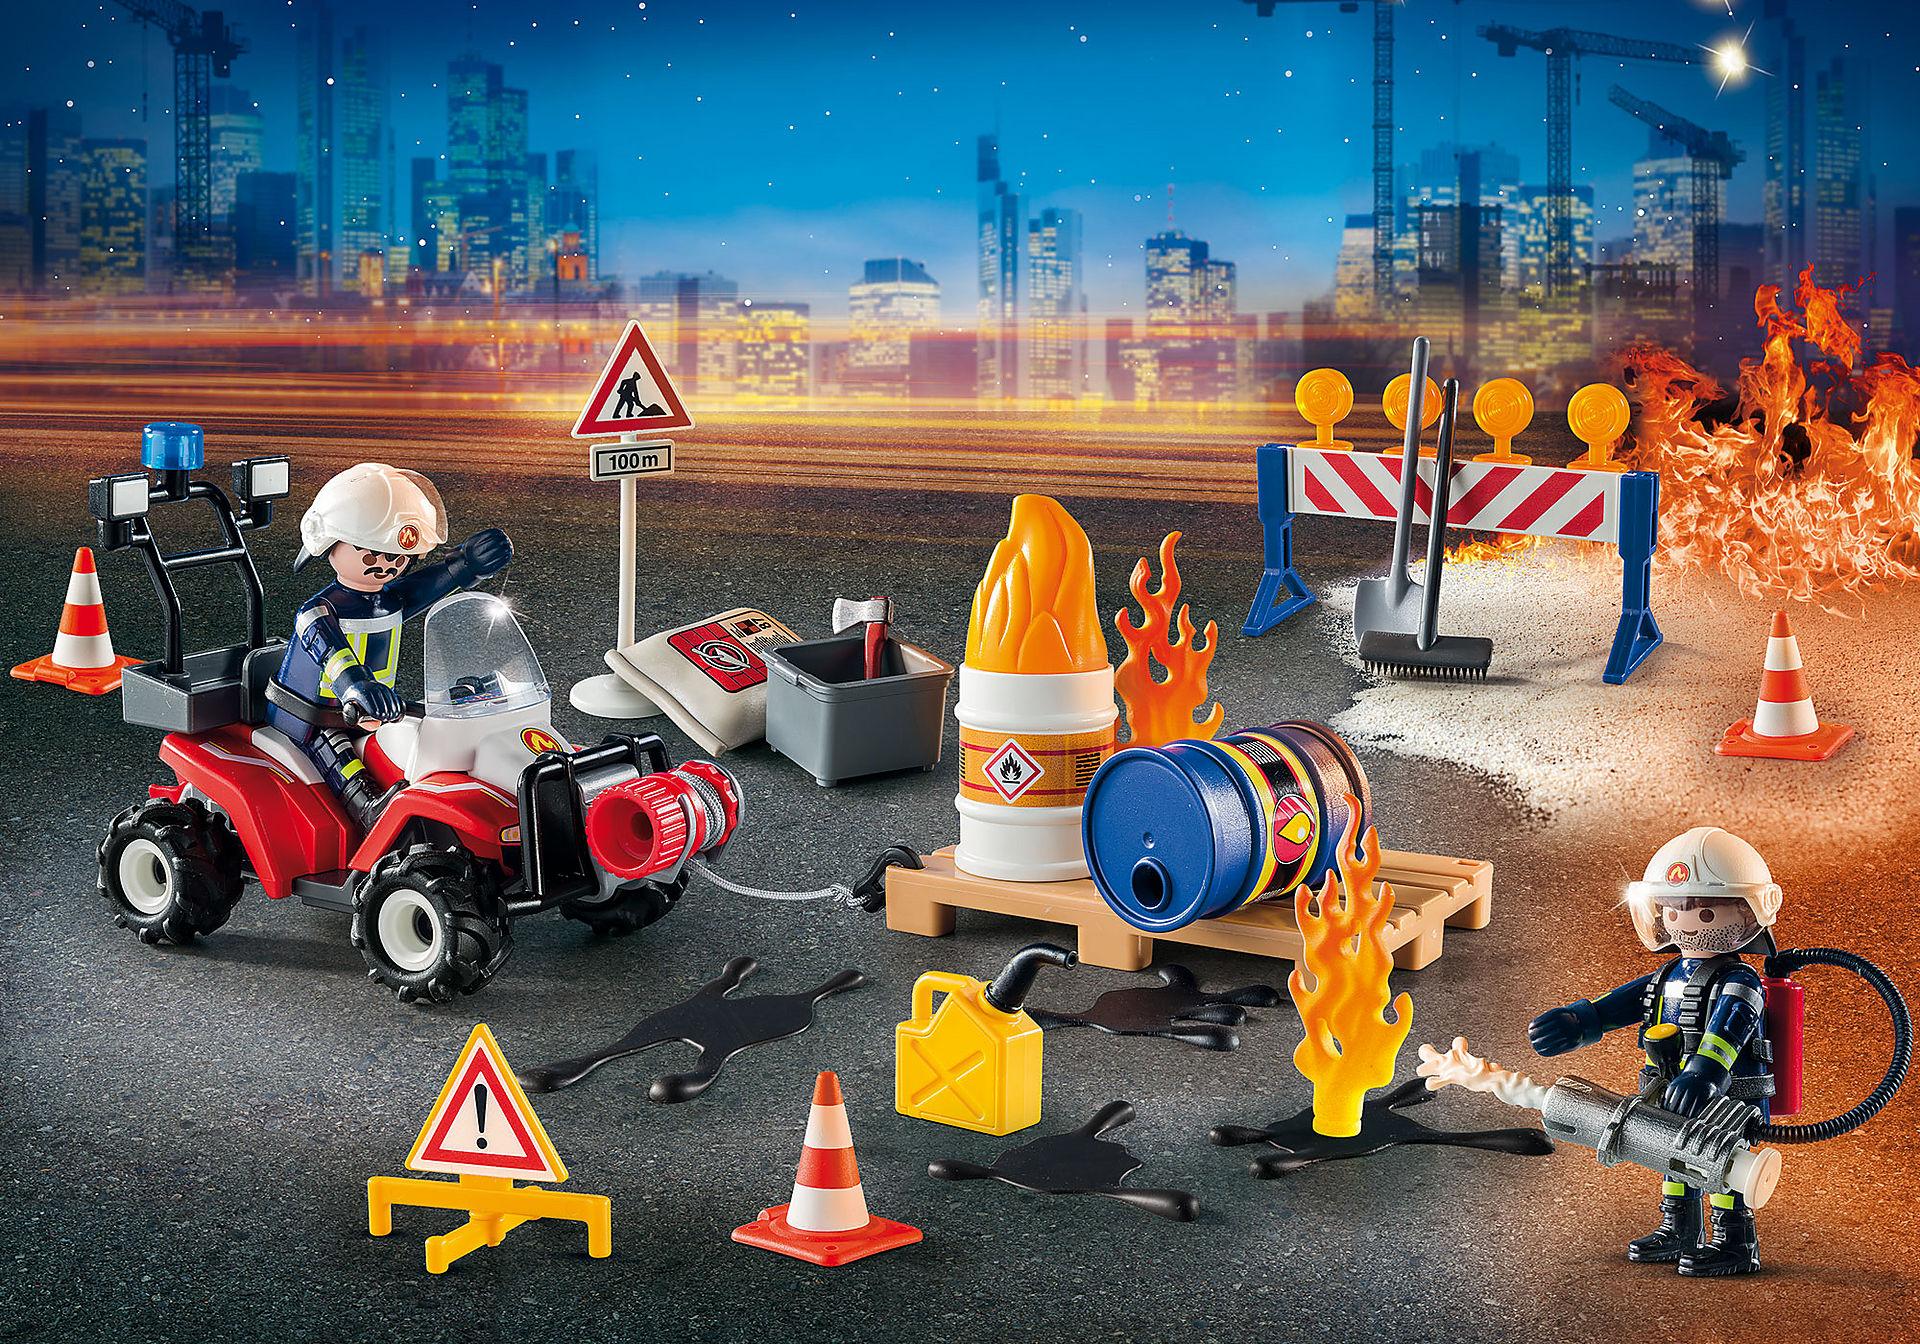 9486 Adventskalender Feuerwehreinsatz auf de zoom image4